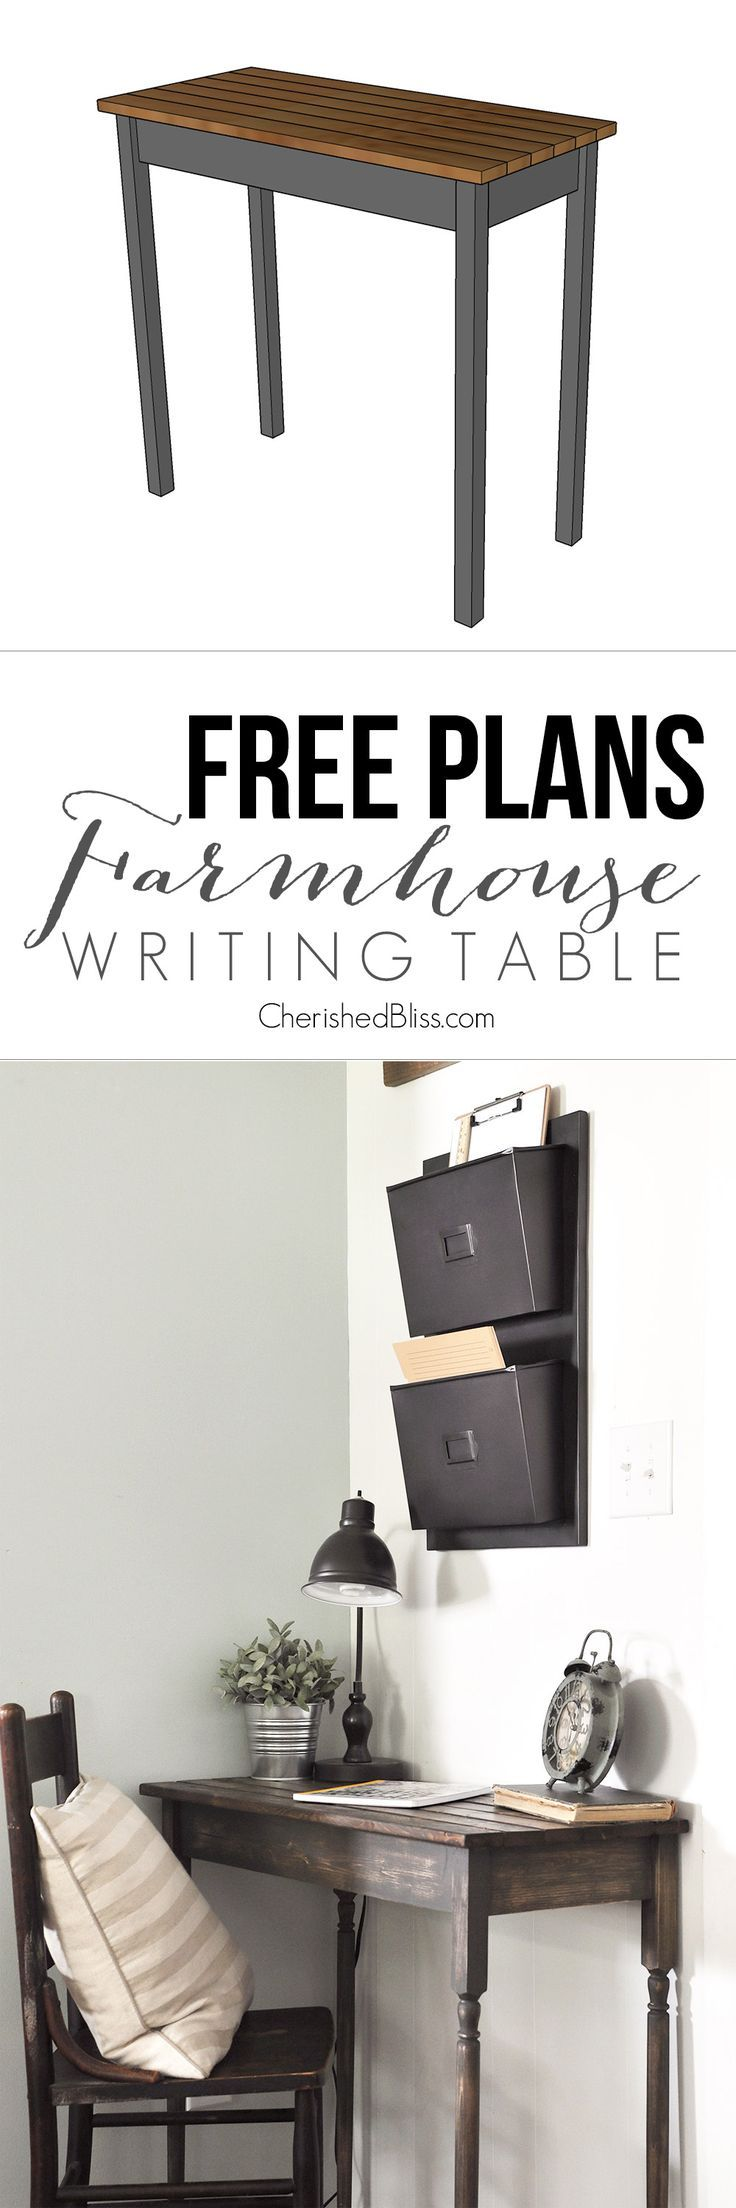 DIY Farmhouse Writing Table Diy farmhouse table, Writing